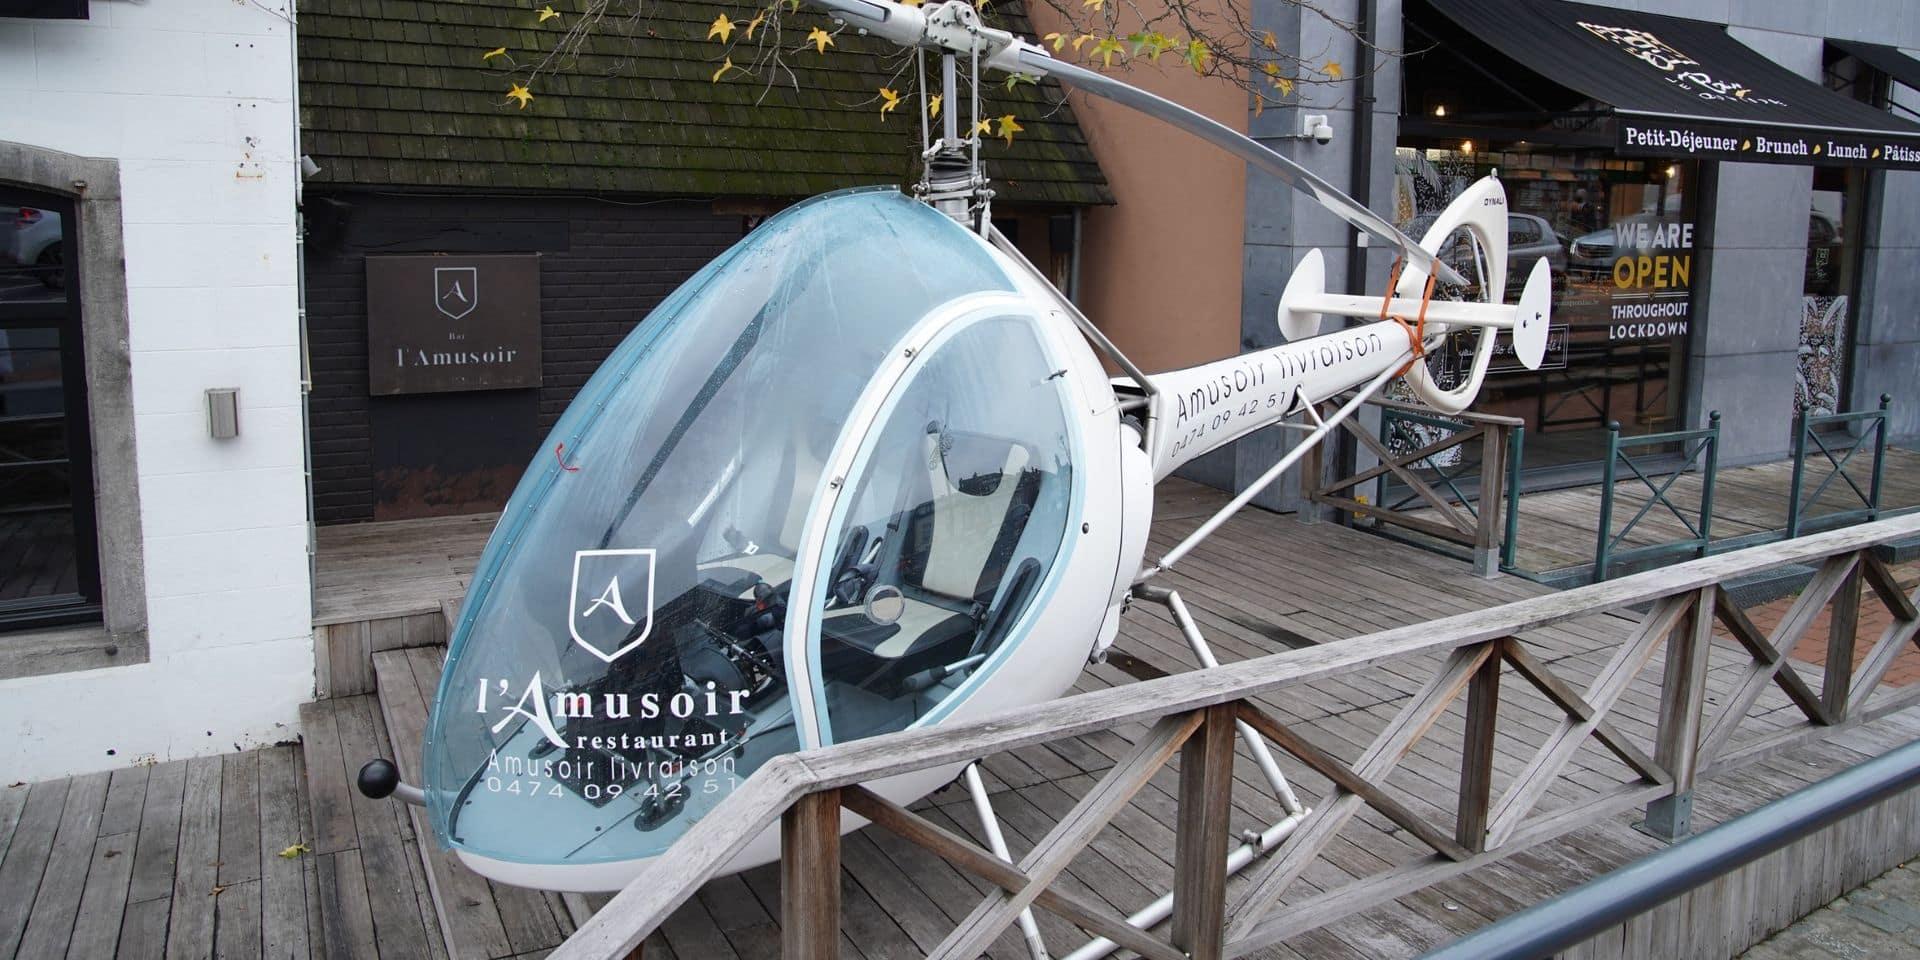 Des livraisons en hélicoptère: le buzz réussi du resto L'Amusoir, à Waterloo (VIDEO)